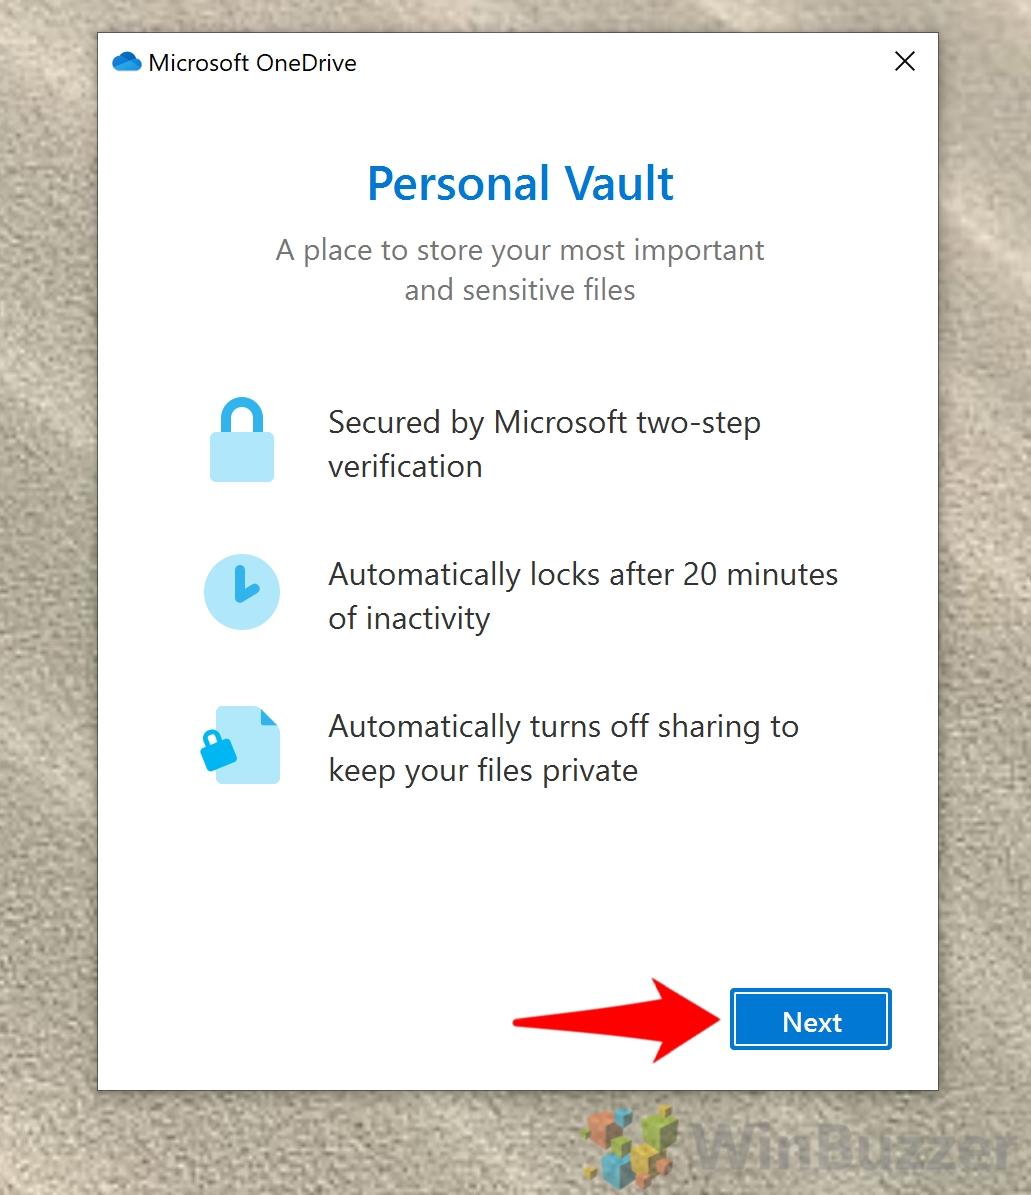 Windows 10 - Open Onedrive Folder - Open Personal Vault - Next